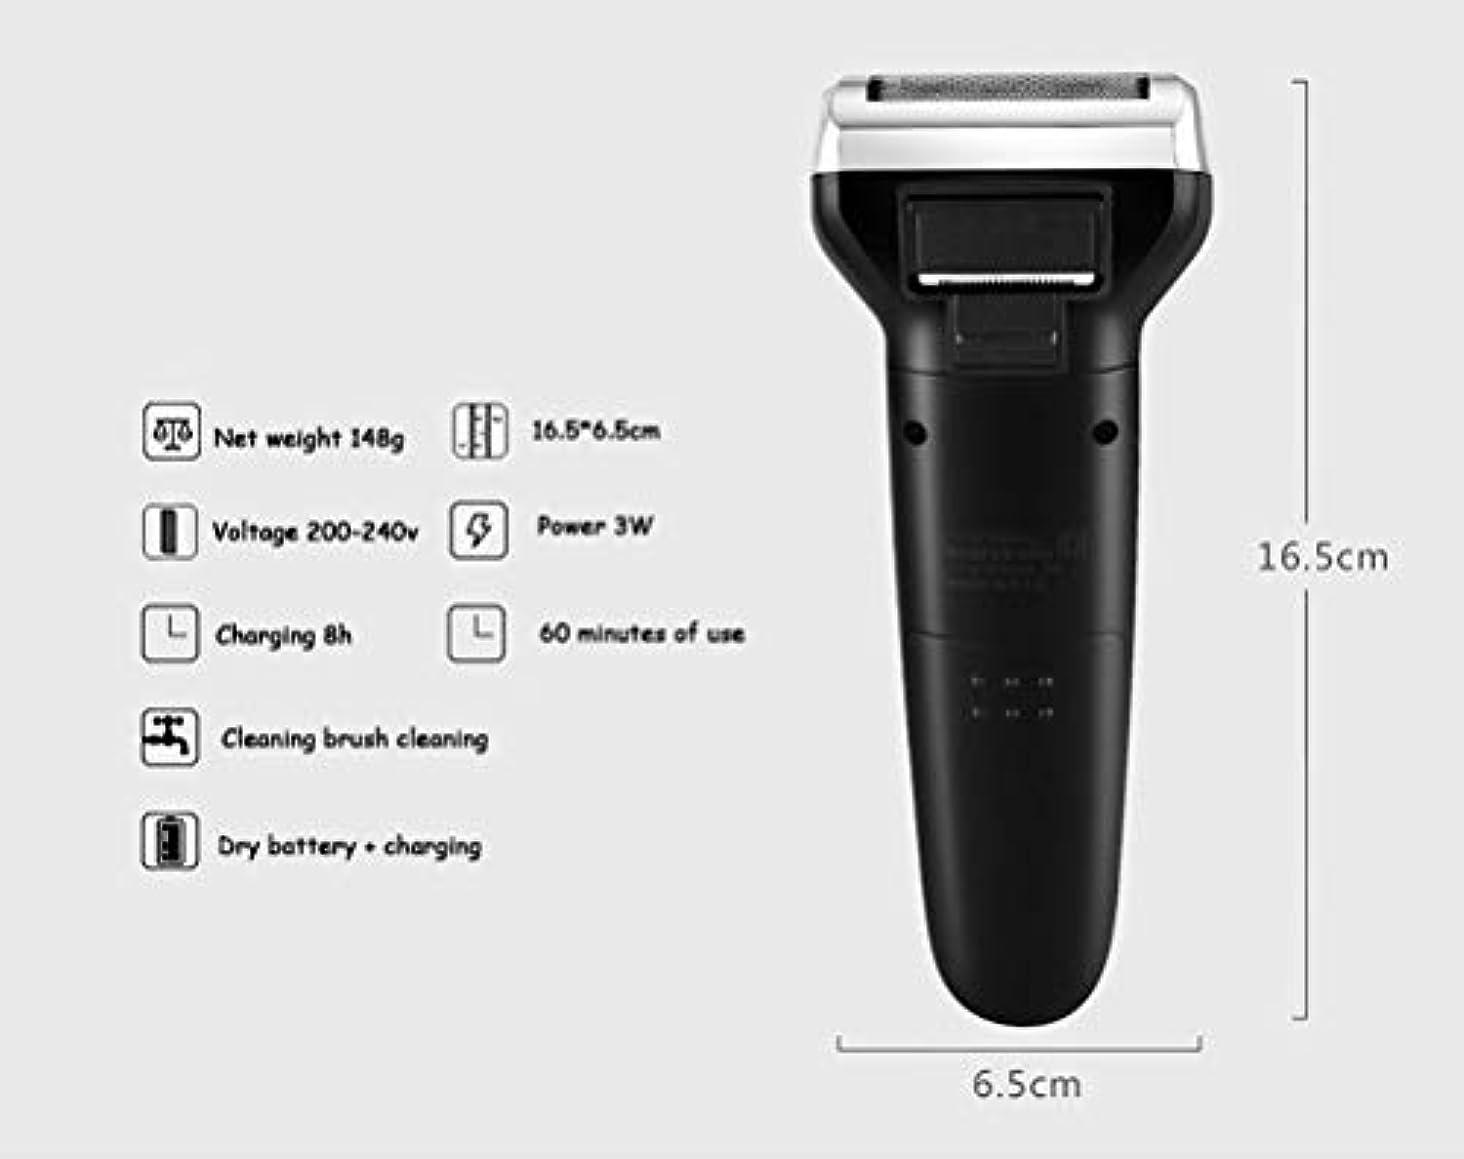 溶接変化出血Diorerr 3イン1往復ヘアバリカンシェーバー鼻毛精密トリマー電動バリカンusb充電理髪ツール